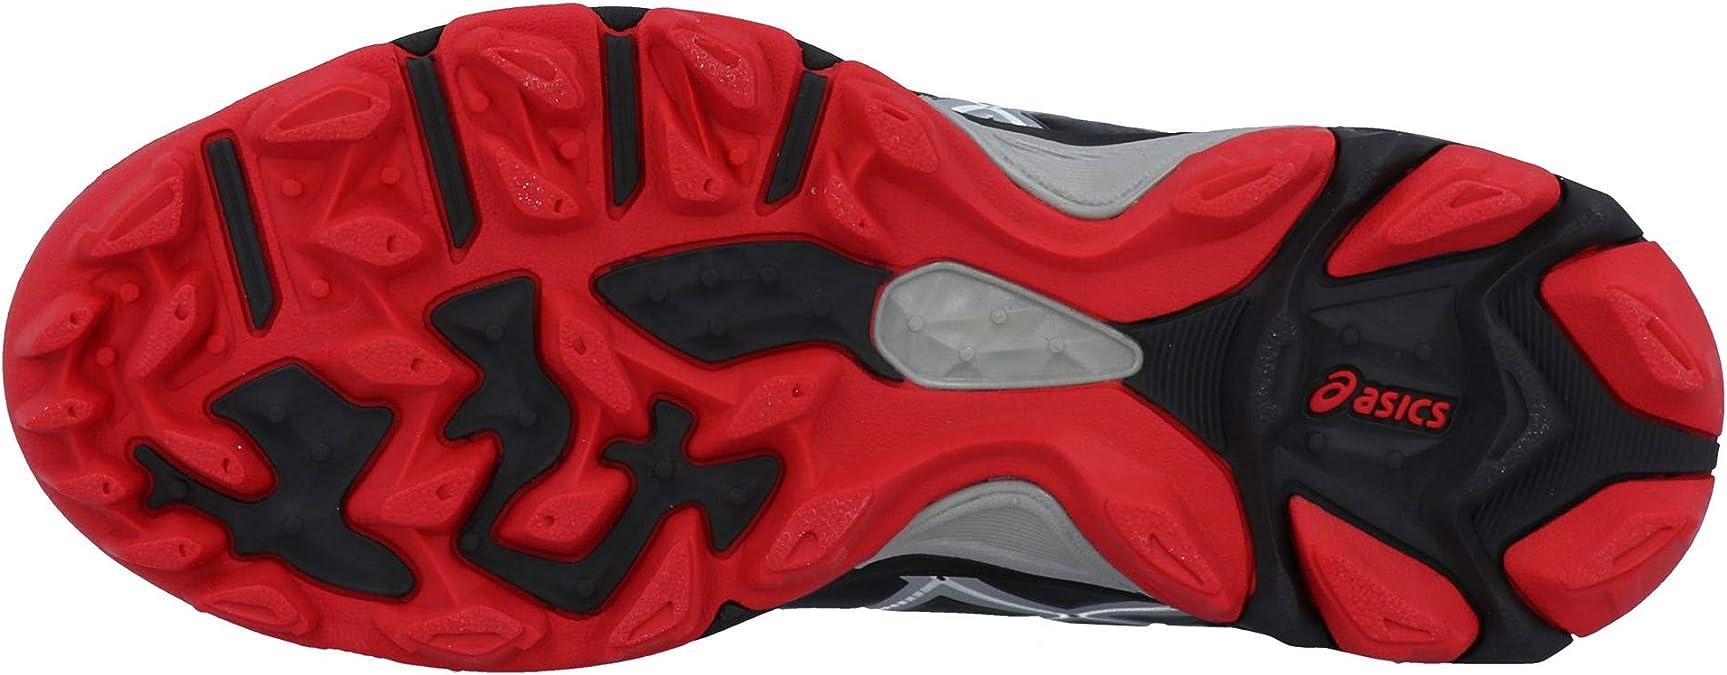 ASICS Gel-Blackheath 4 GS Junior Hockey Zapatillas - 34.5: Amazon.es: Zapatos y complementos